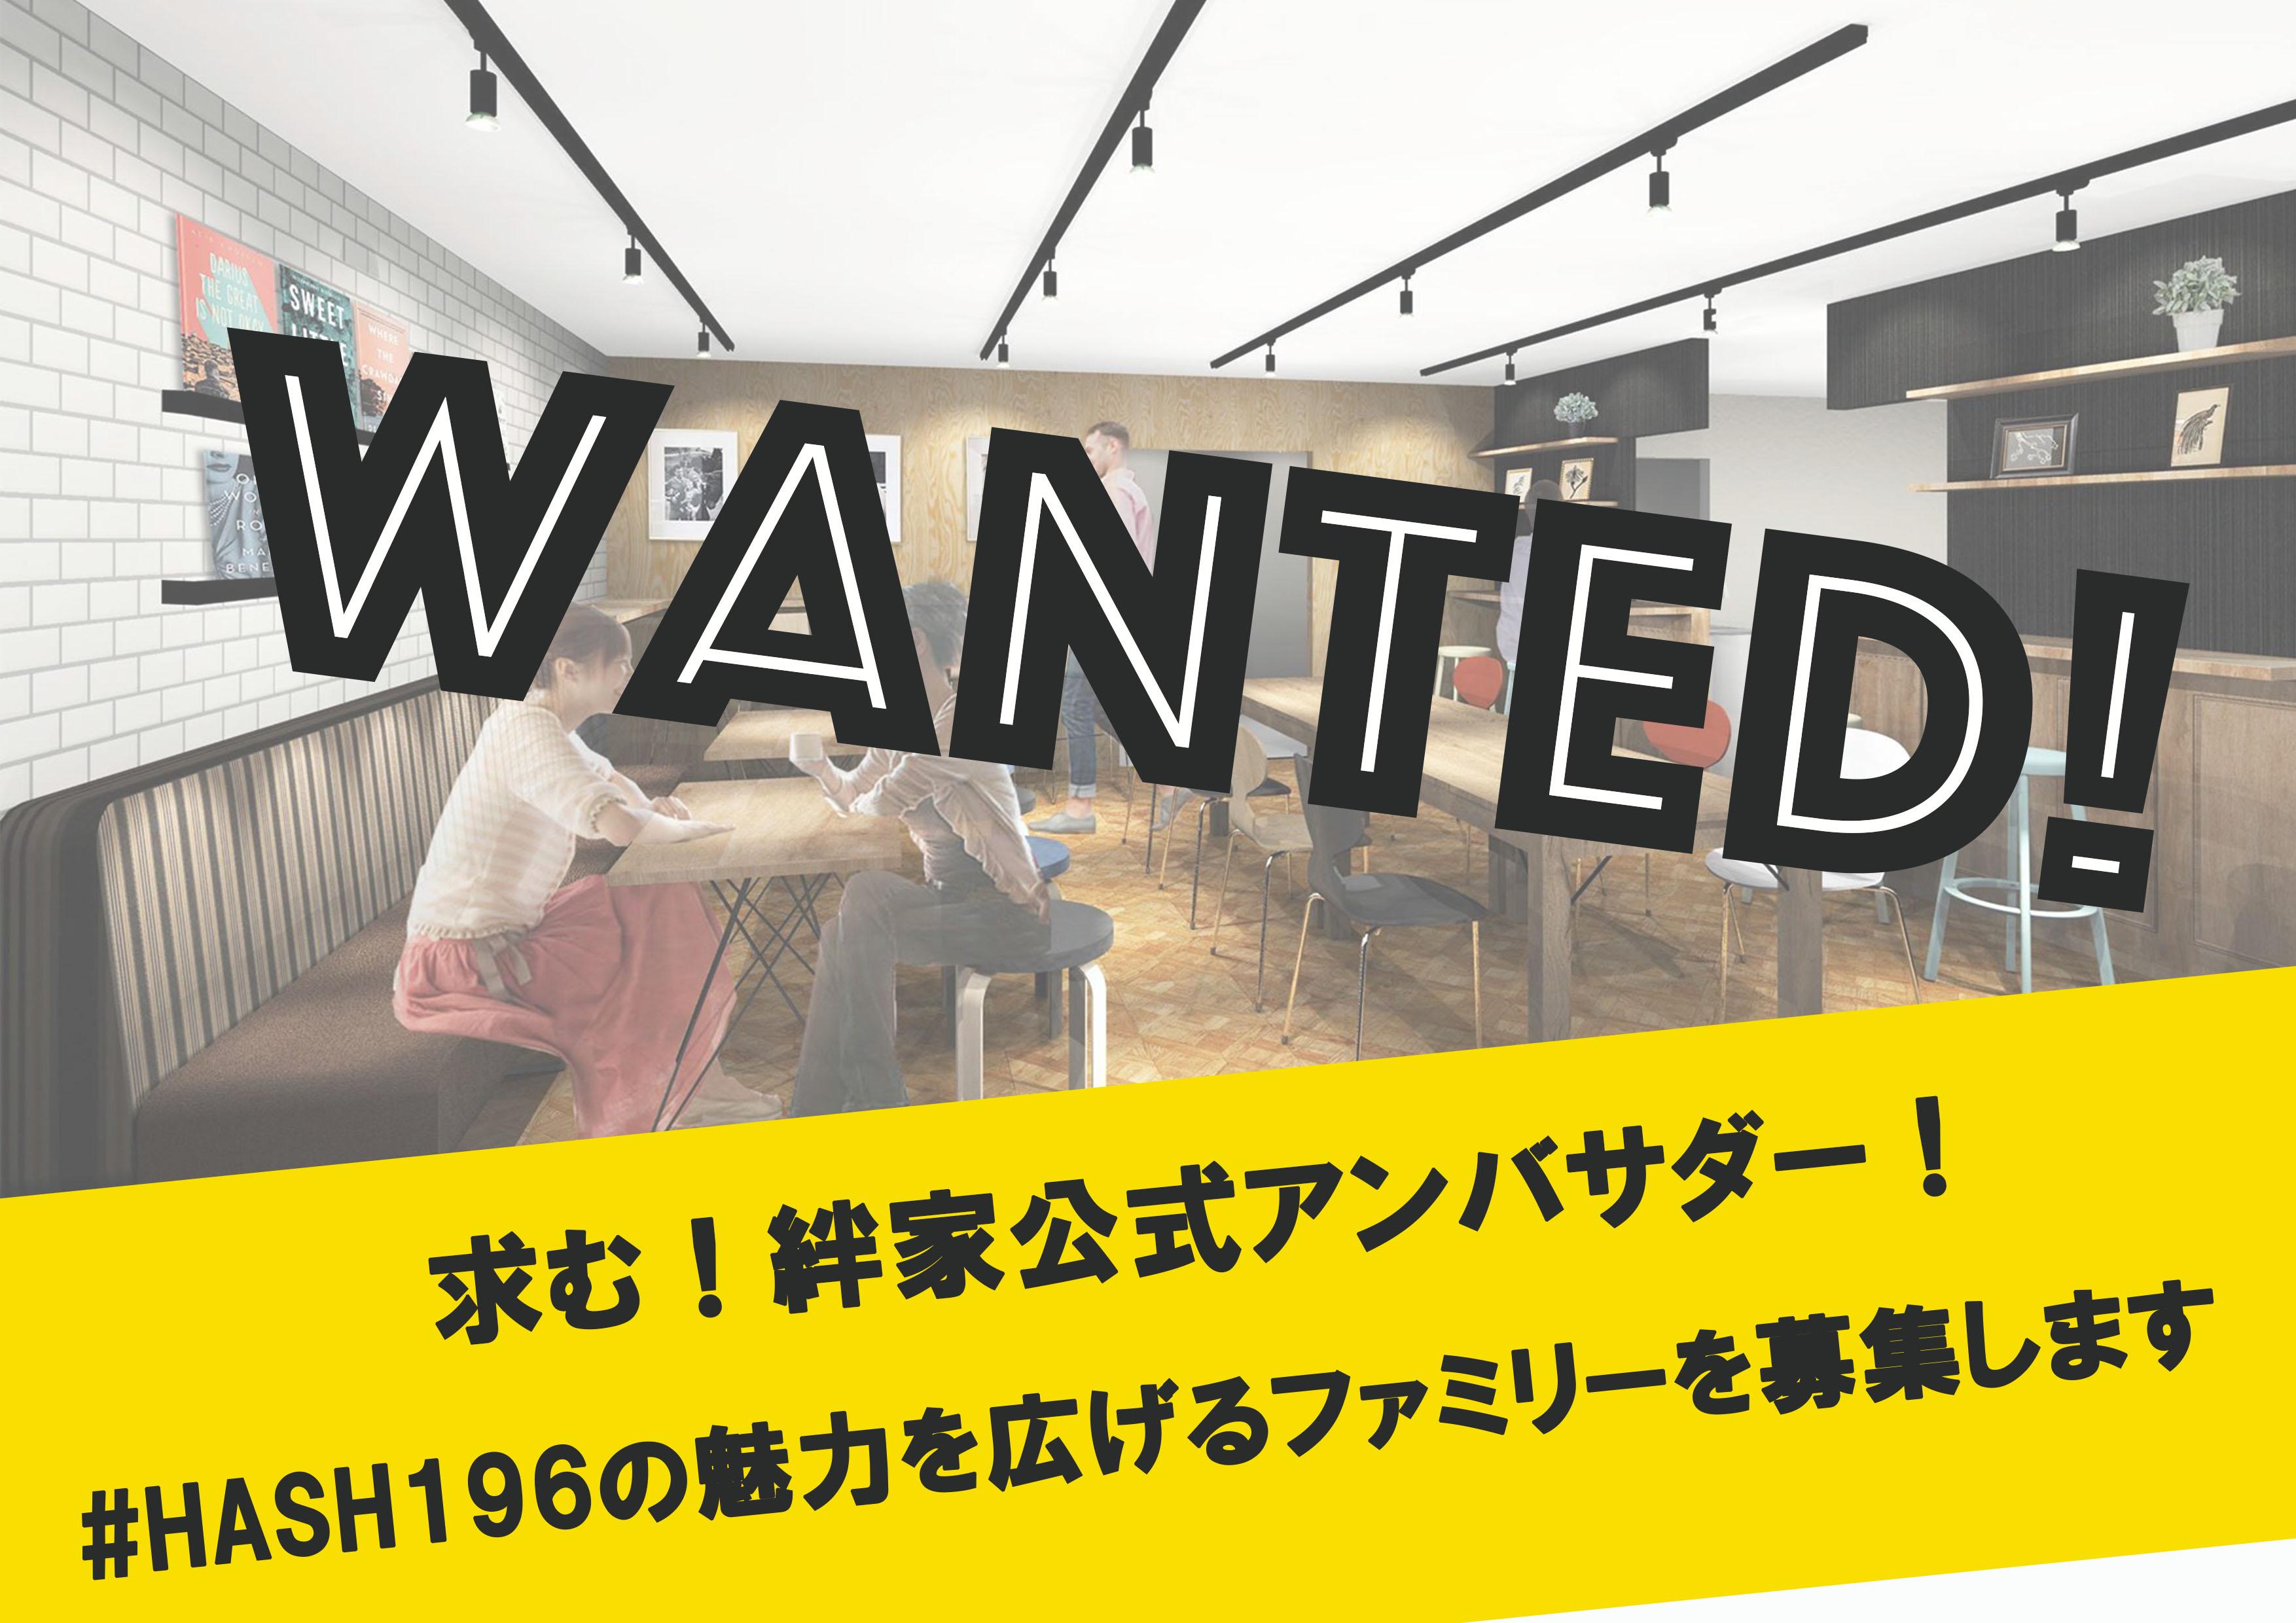 (JP) 求む!公式アンバサダー!絆家の魅力を広げてくれるファミリー大募集!